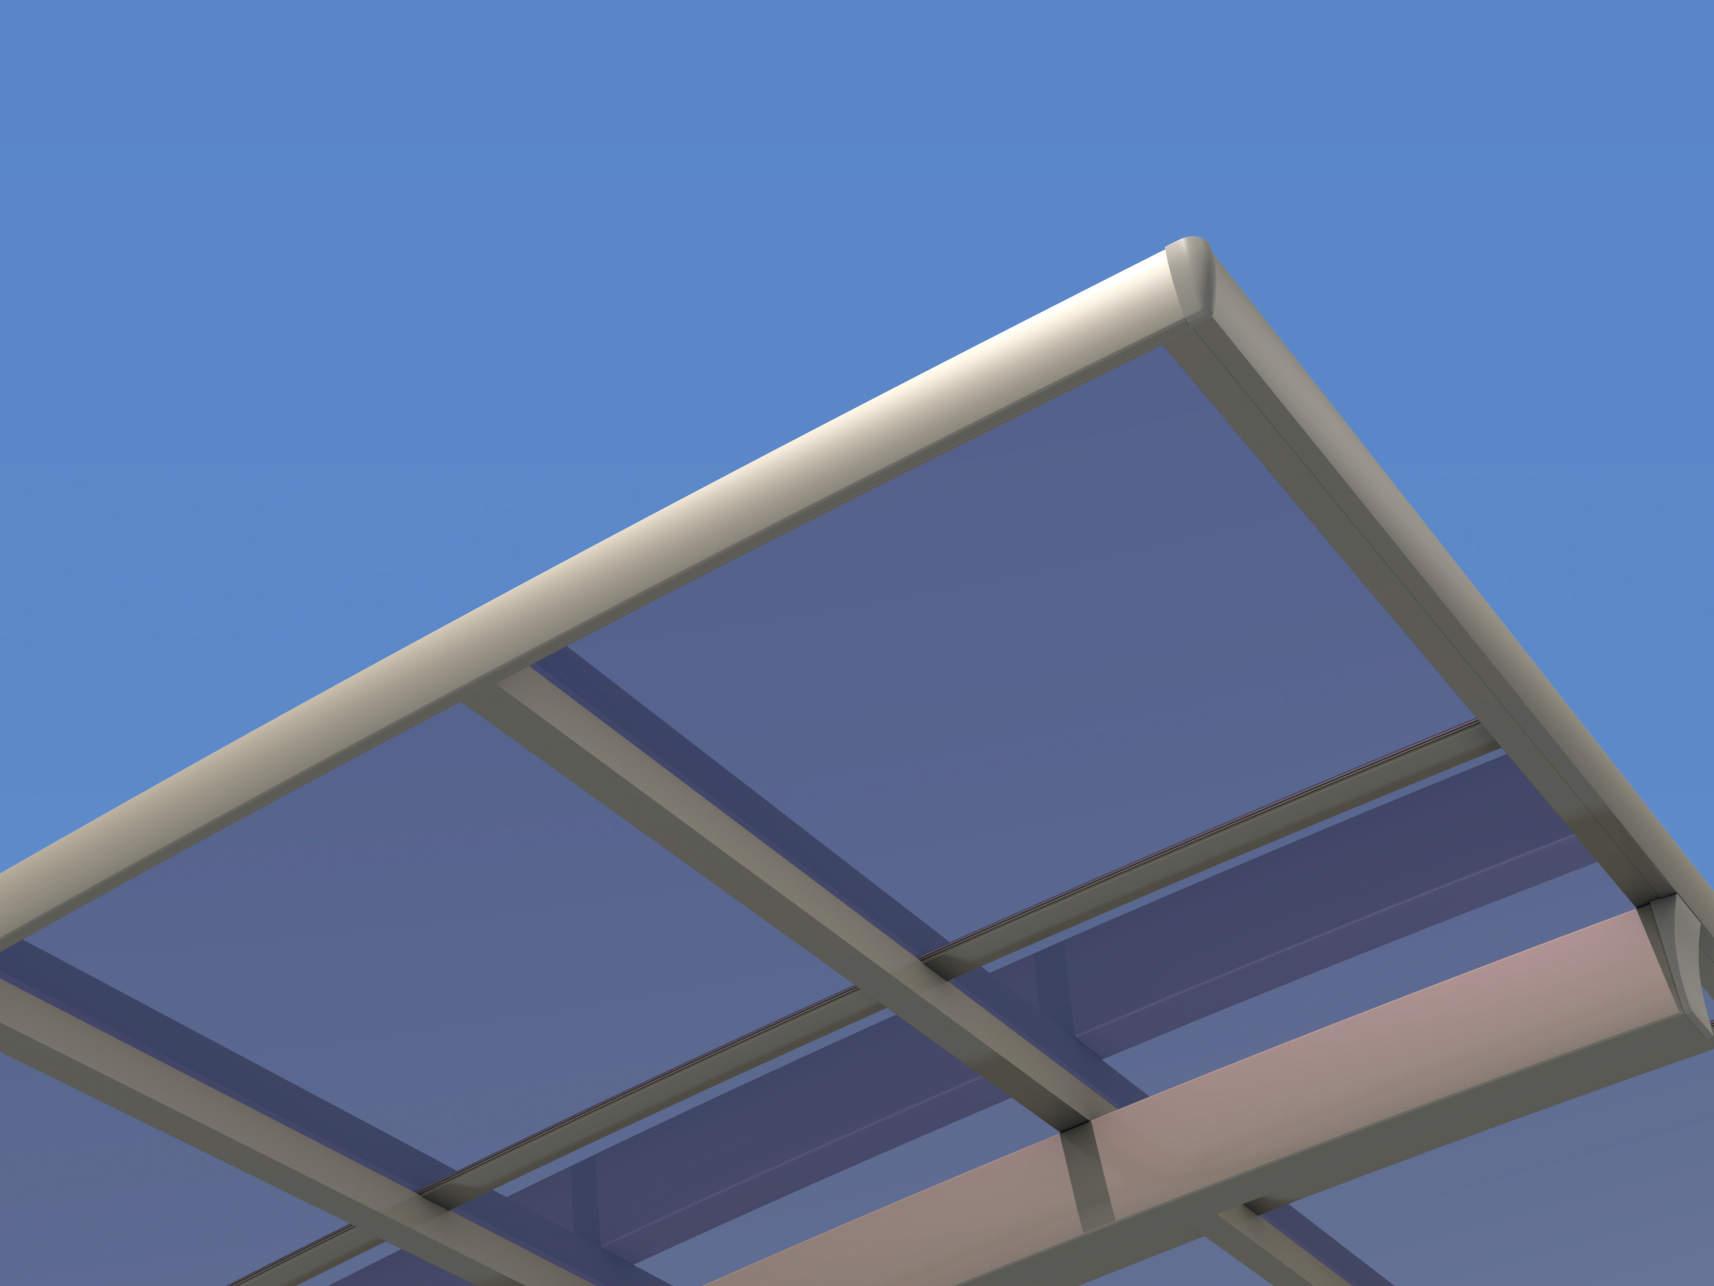 明るさも開放感も確保できる「ポリカーボネート板」